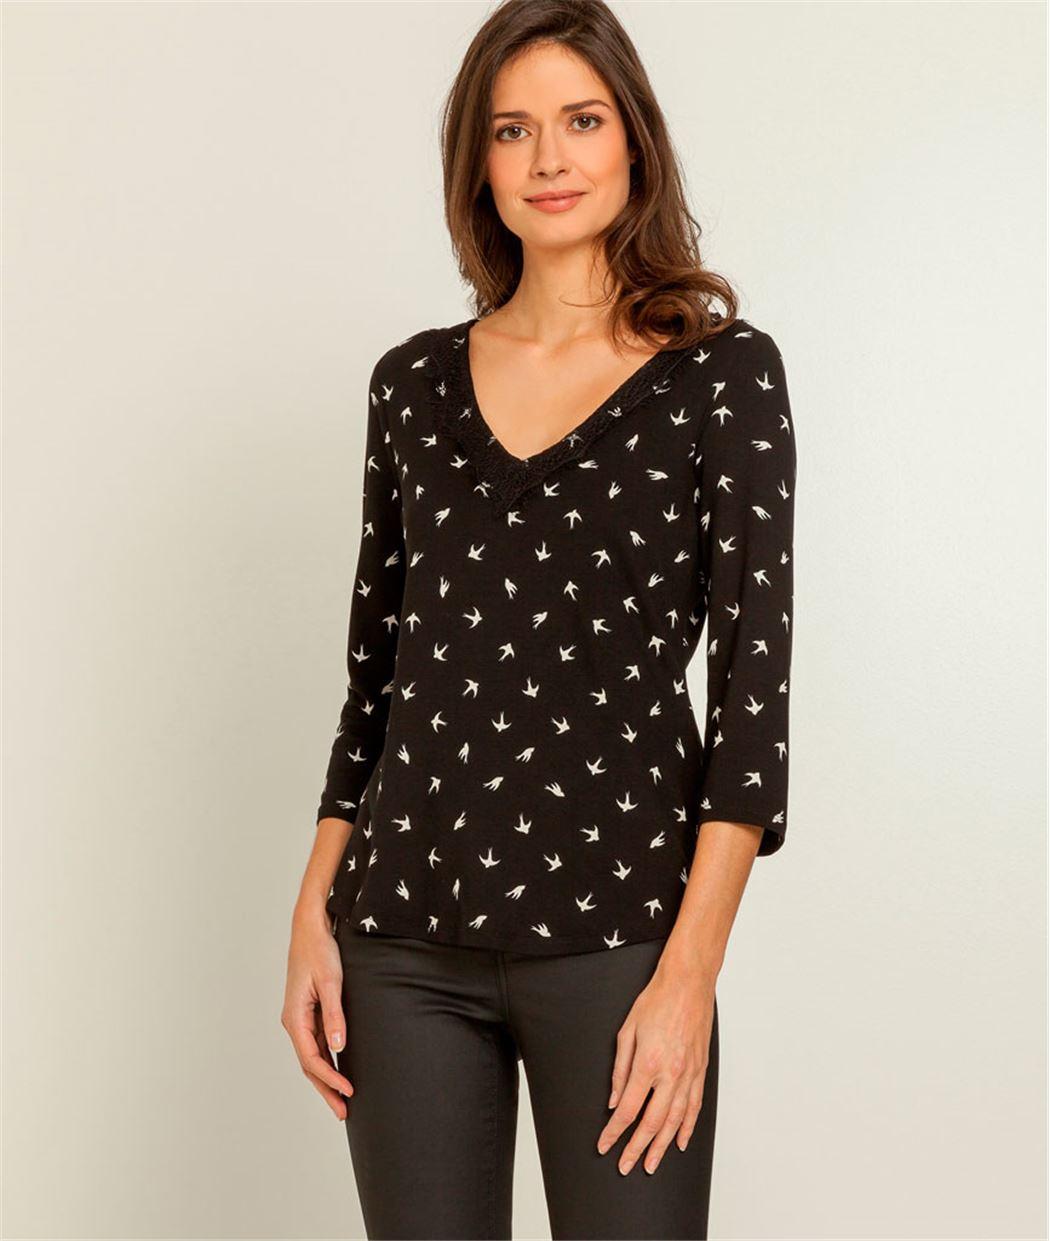 T-shirt femme imprimé hirondelles NOIR